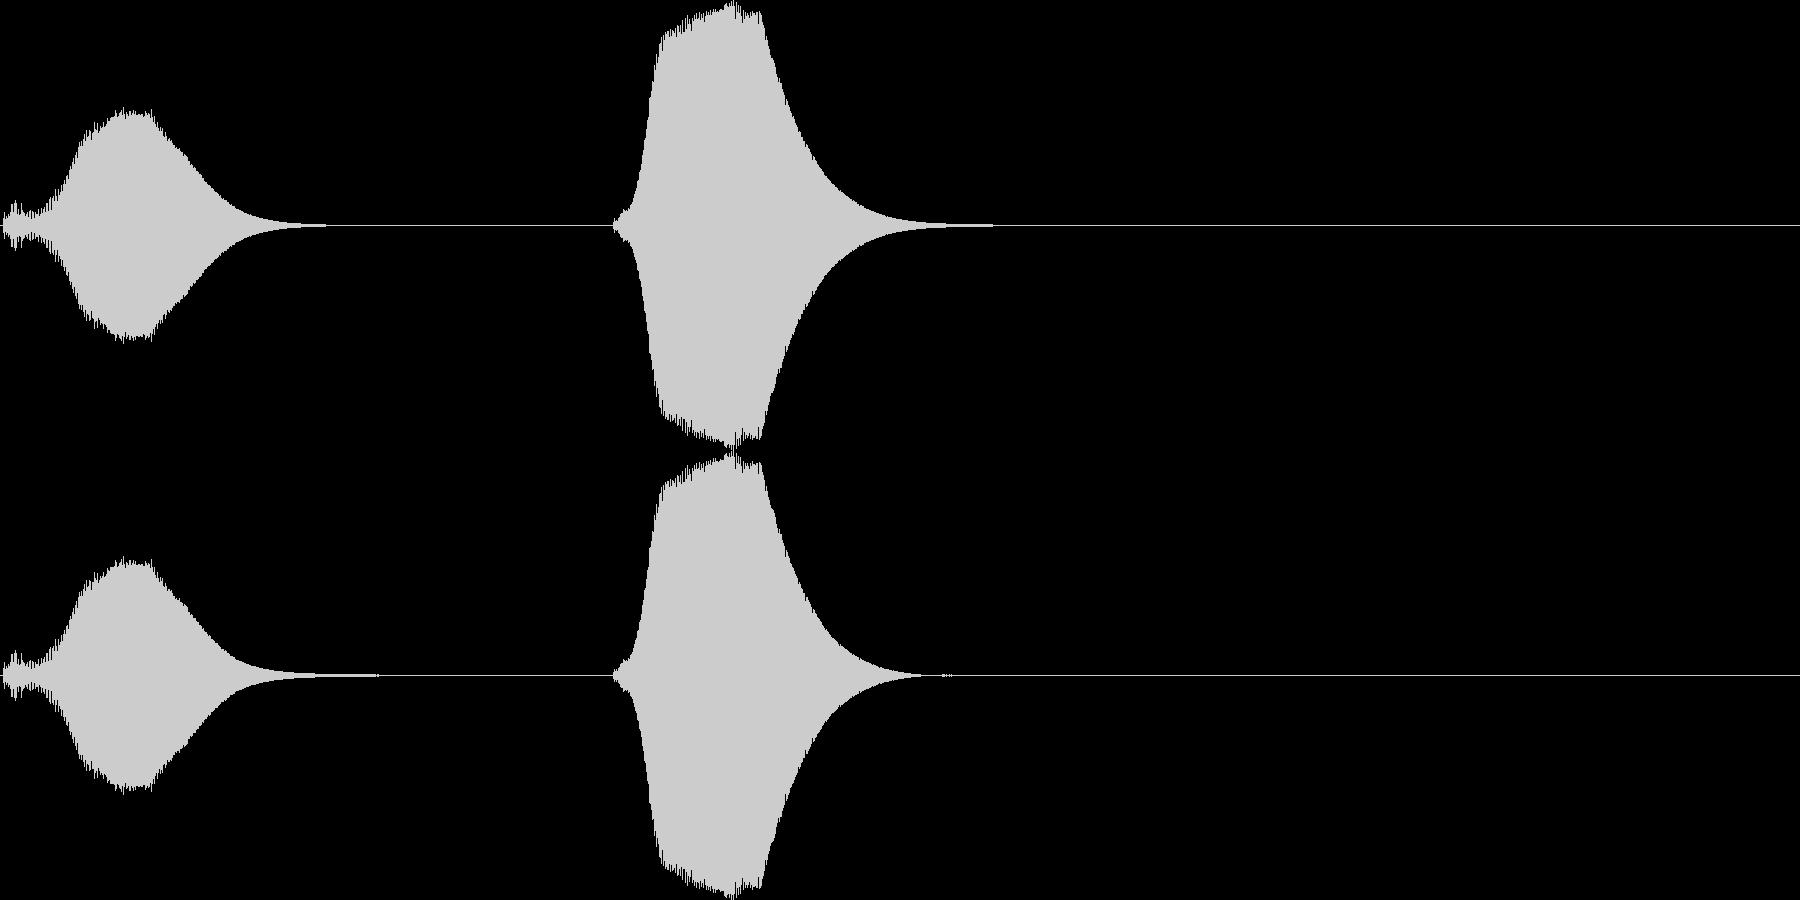 ポッポー。鳩時計の時報A(高・短)の未再生の波形